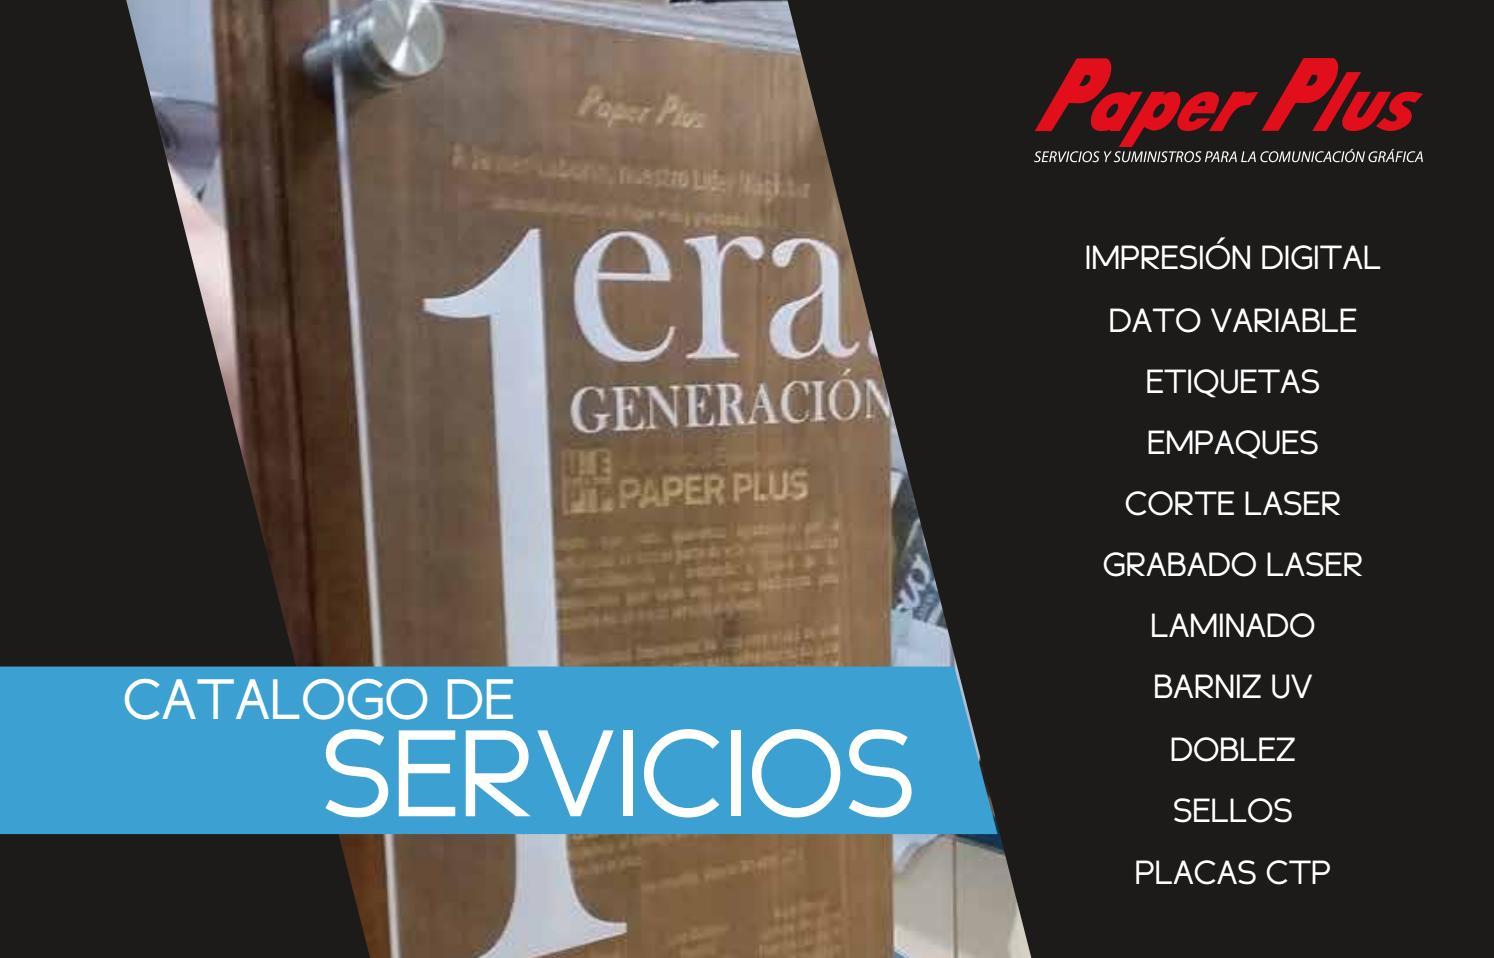 CATALOGO SERVICIOS PAPER PLUS by Paper Plus - issuu